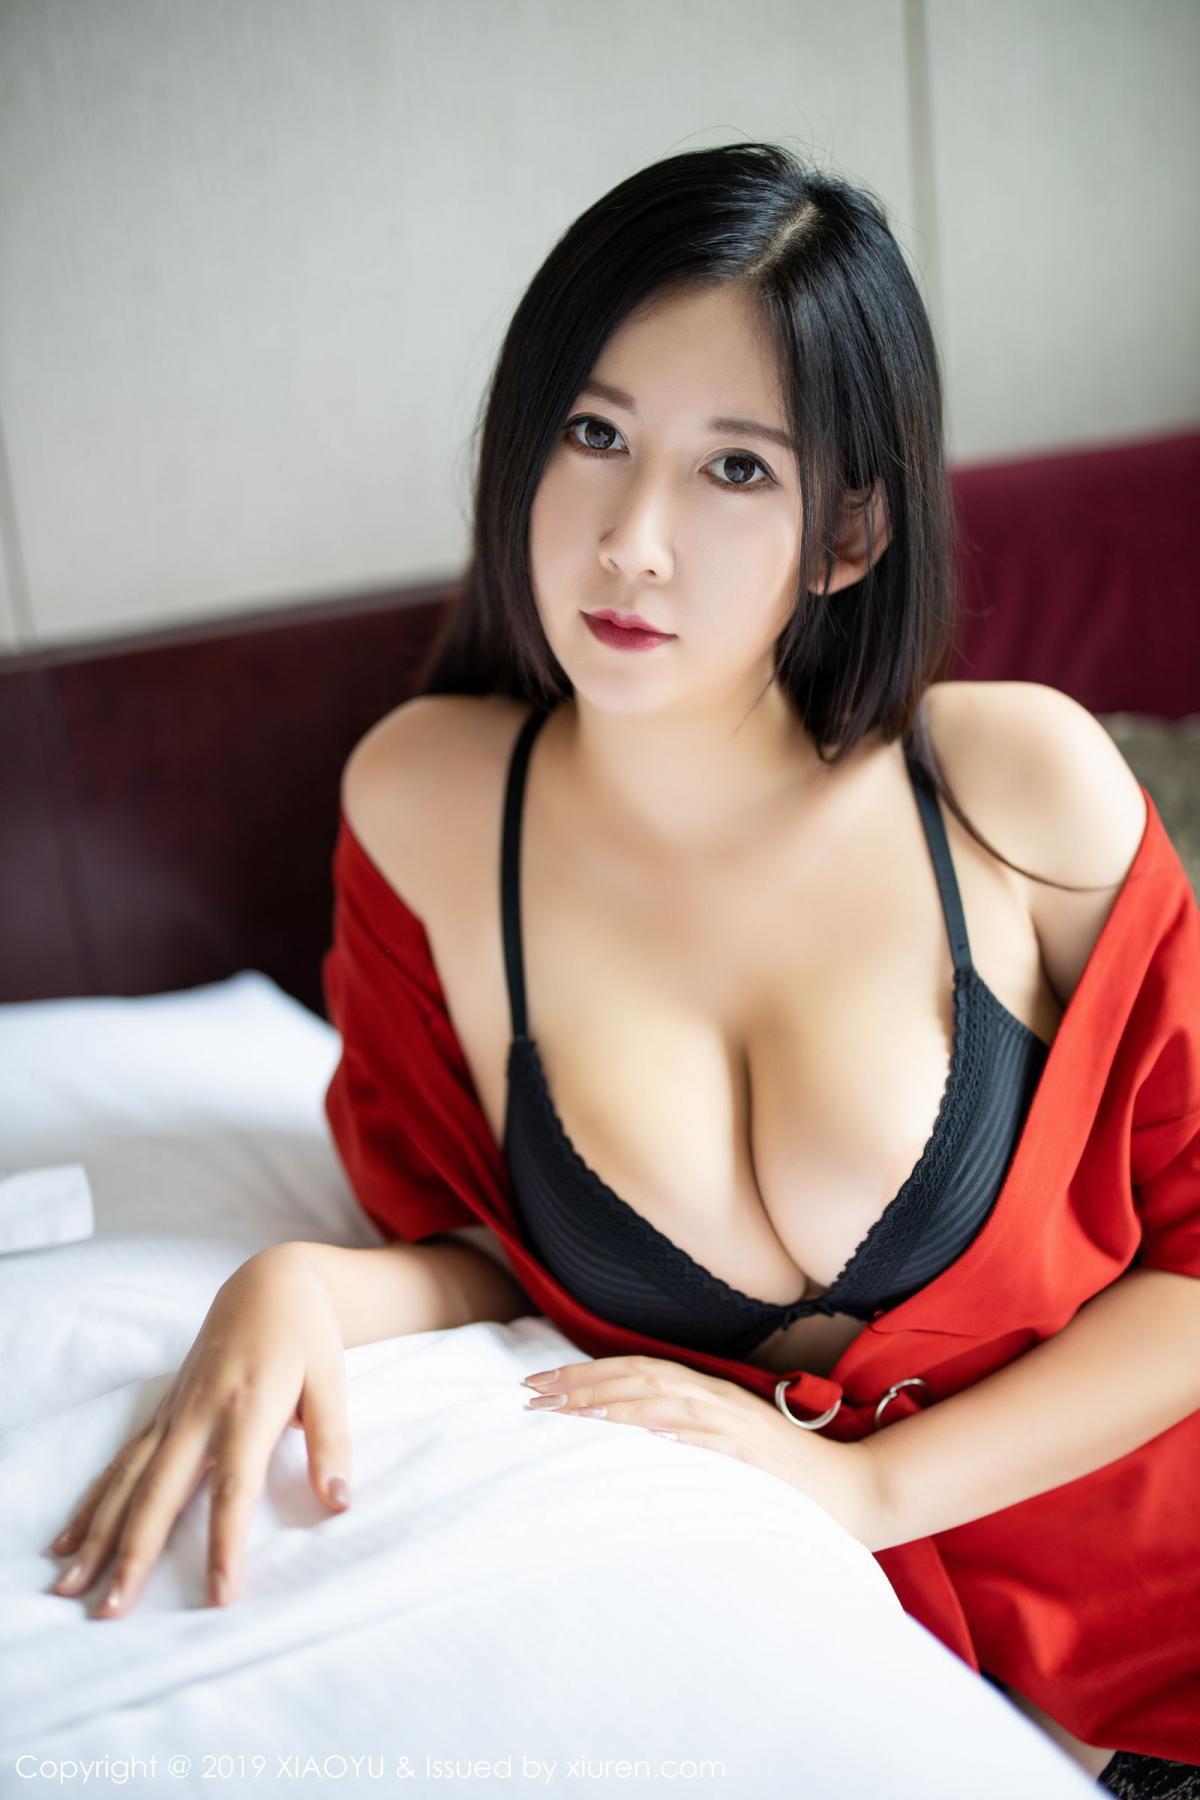 [XiaoYu] Vol.166 Li Ya 24P, Li Ya, Underwear, XiaoYu